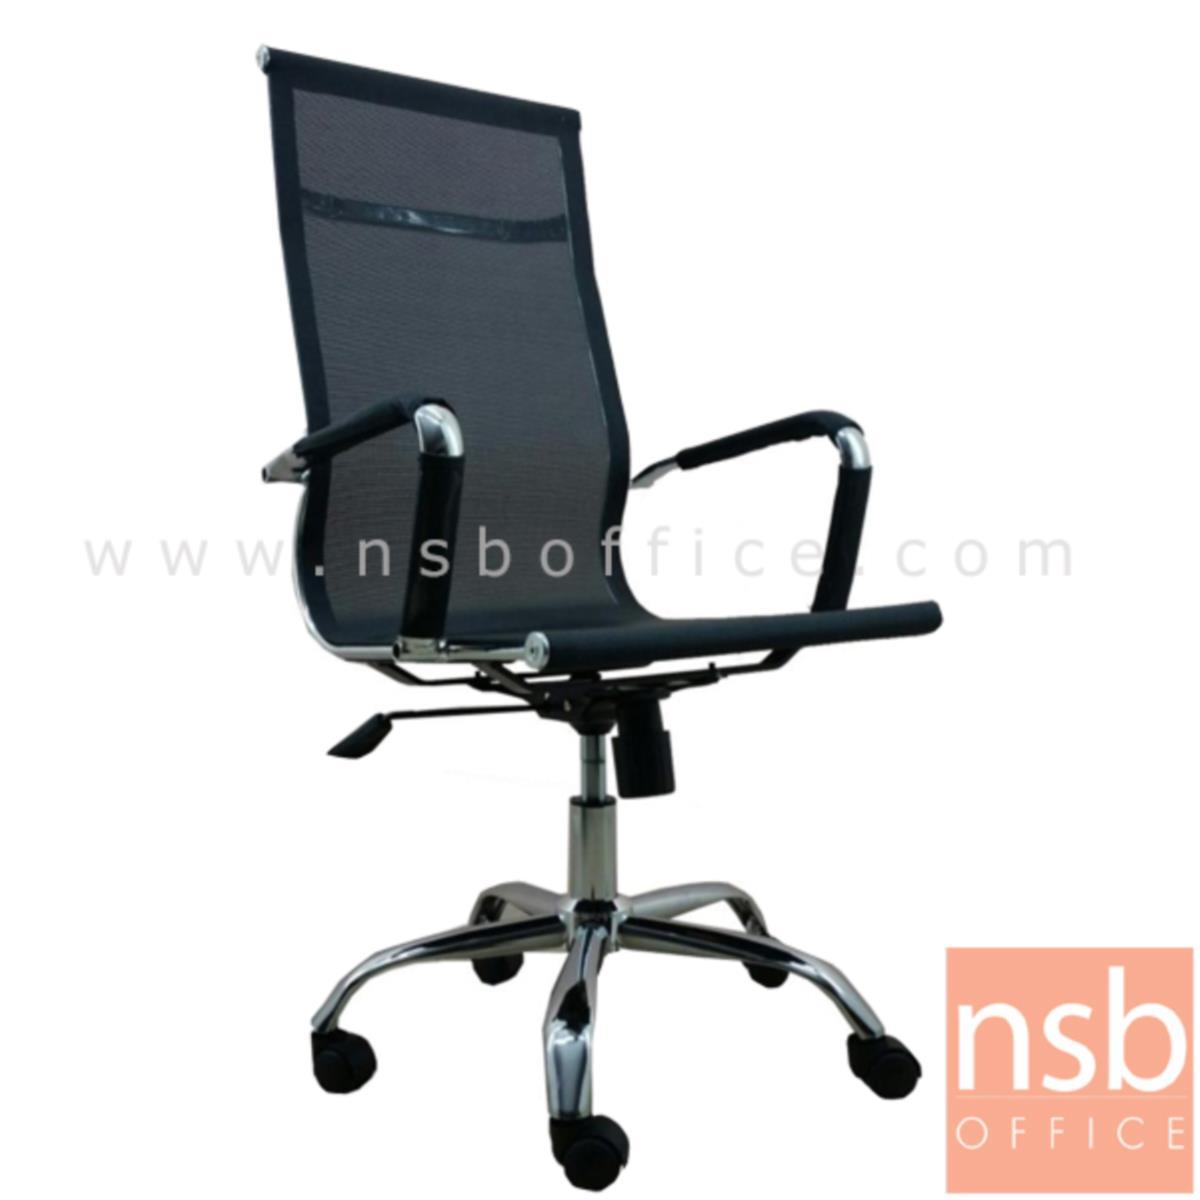 B24A182:เก้าอี้สำนักงานหลังเน็ต รุ่น Cadence (เคเดนซ์)  โช๊คแก๊ส มีก้อนโยก ขาเหล็กชุบโครเมี่ยม